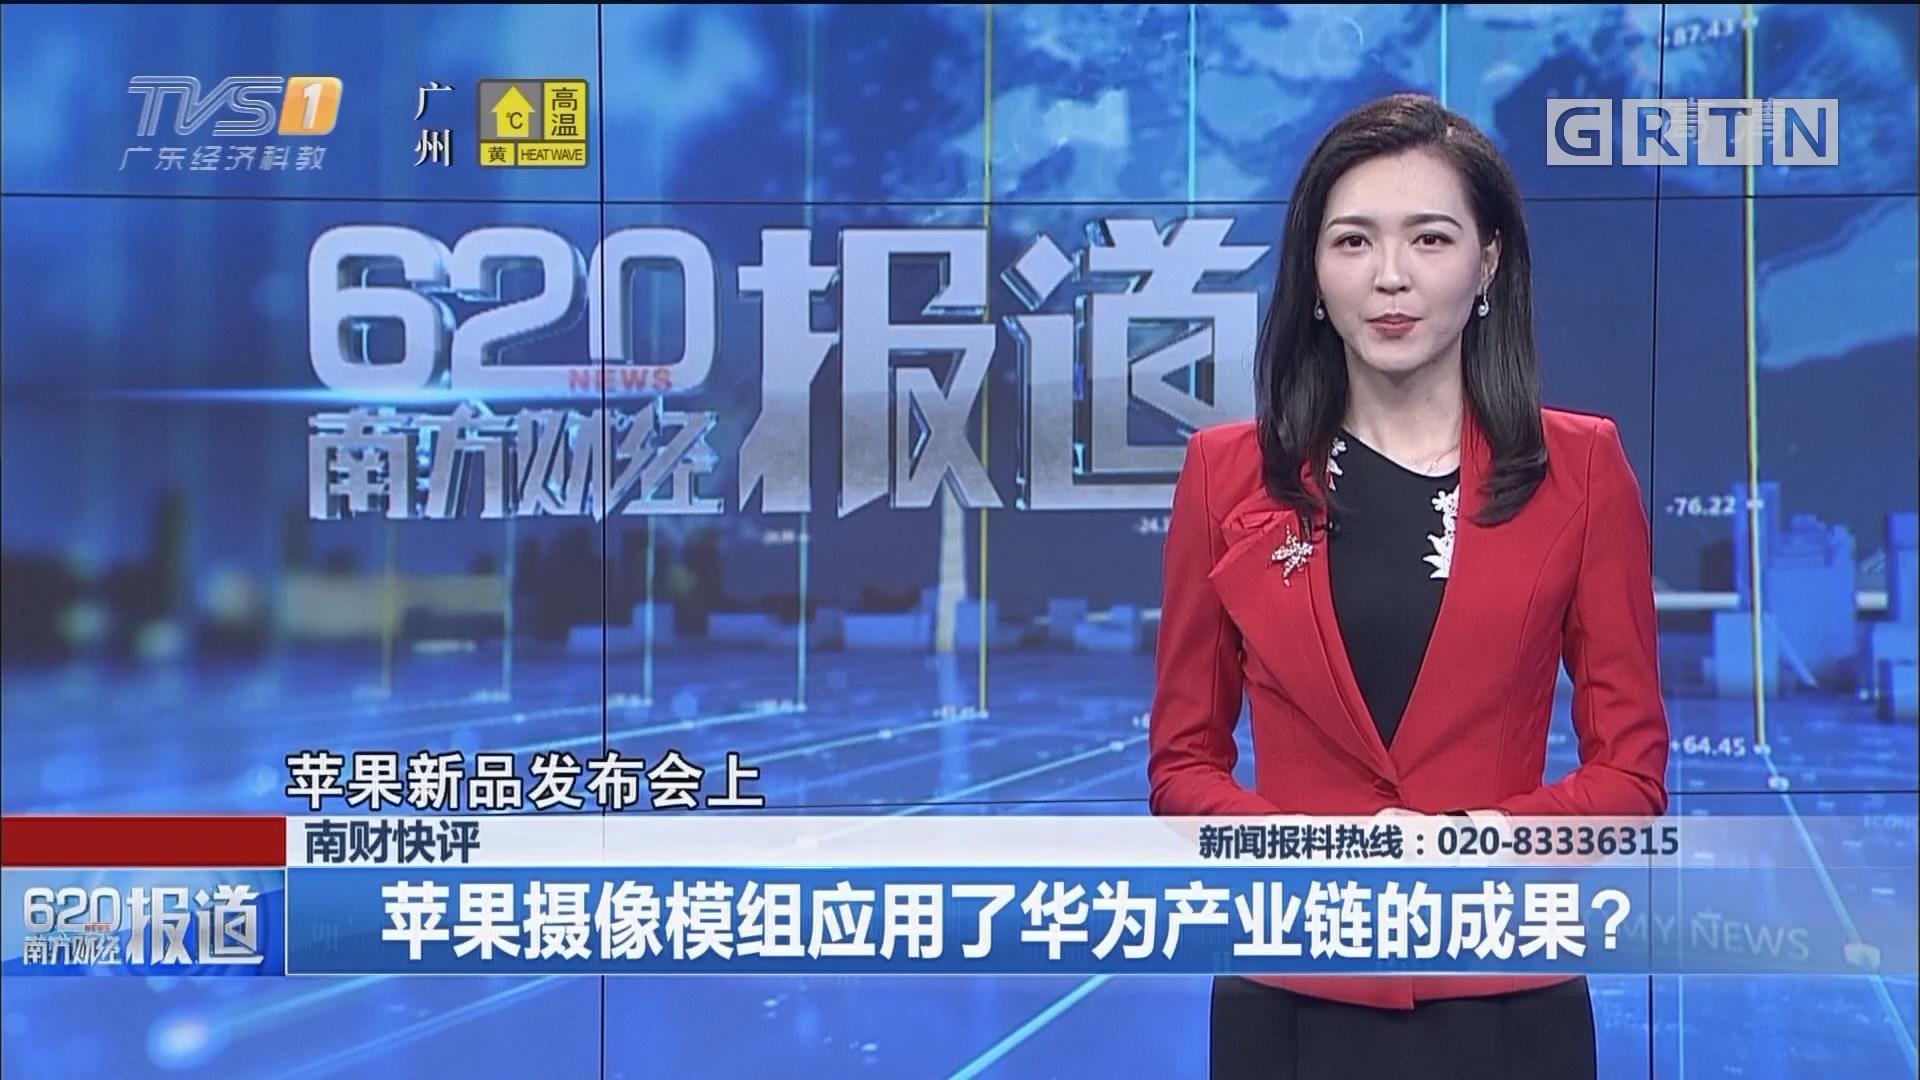 南财快评:苹果摄像模组应用了华为产业链的成果?